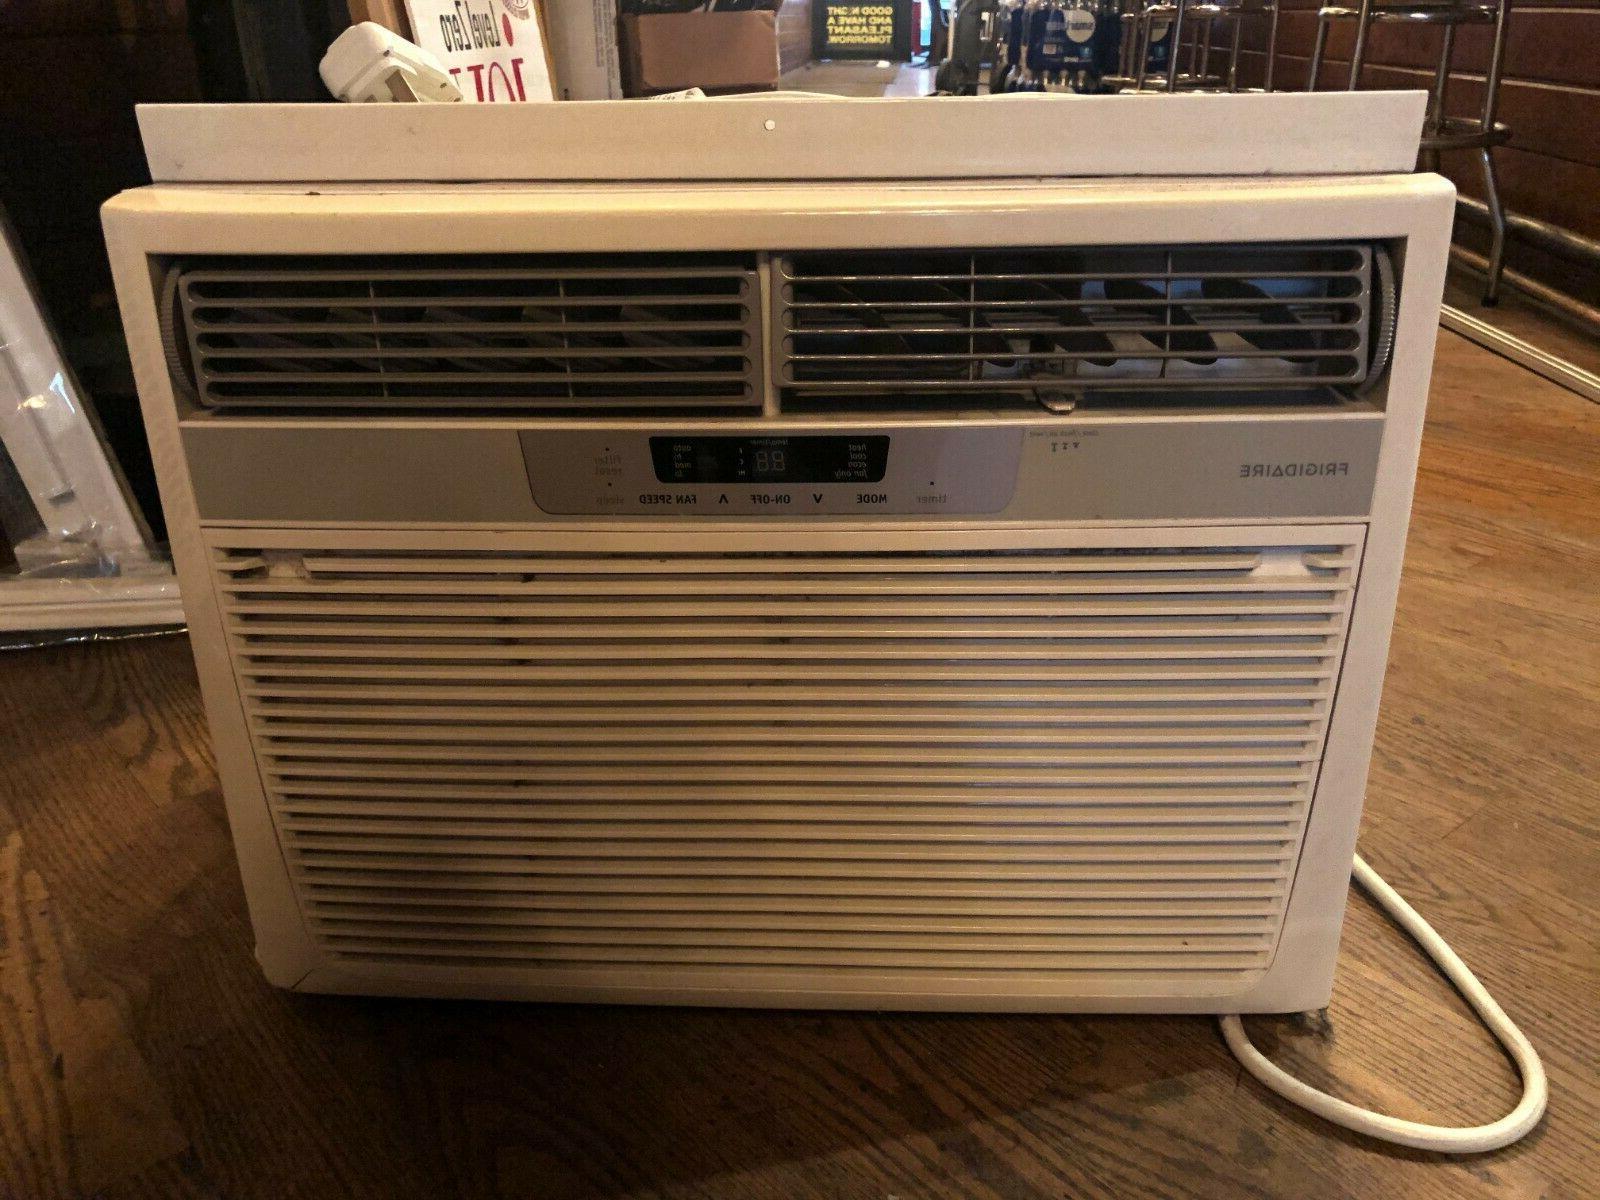 used air conditioner unit